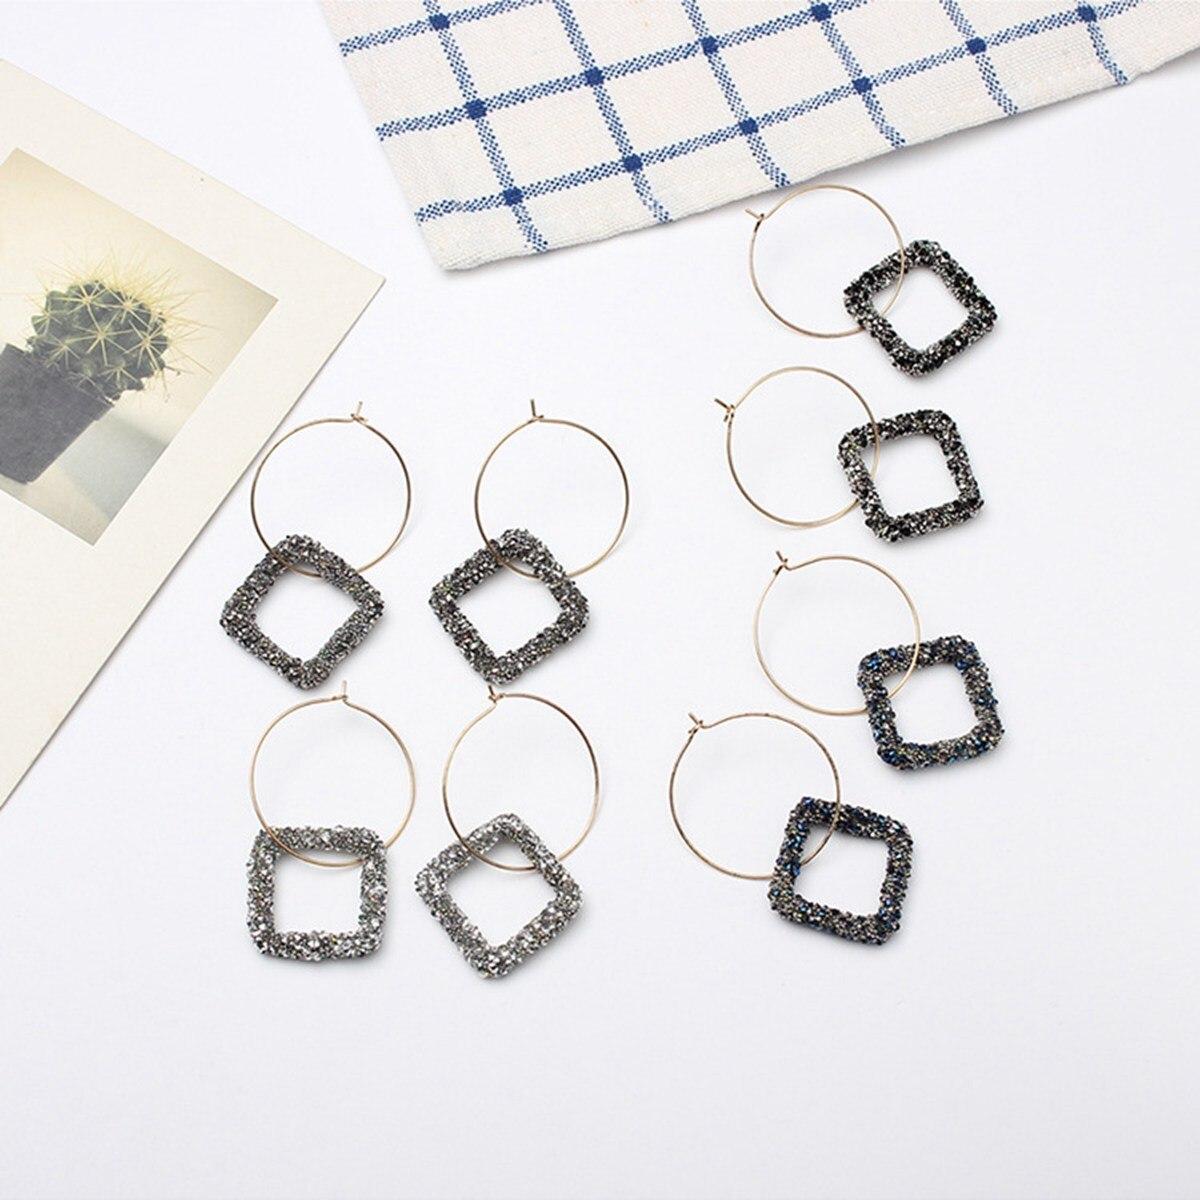 Pendiente aro grande de diamante cuadrado negro 2019, regalo para mujeres, pendientes de moda